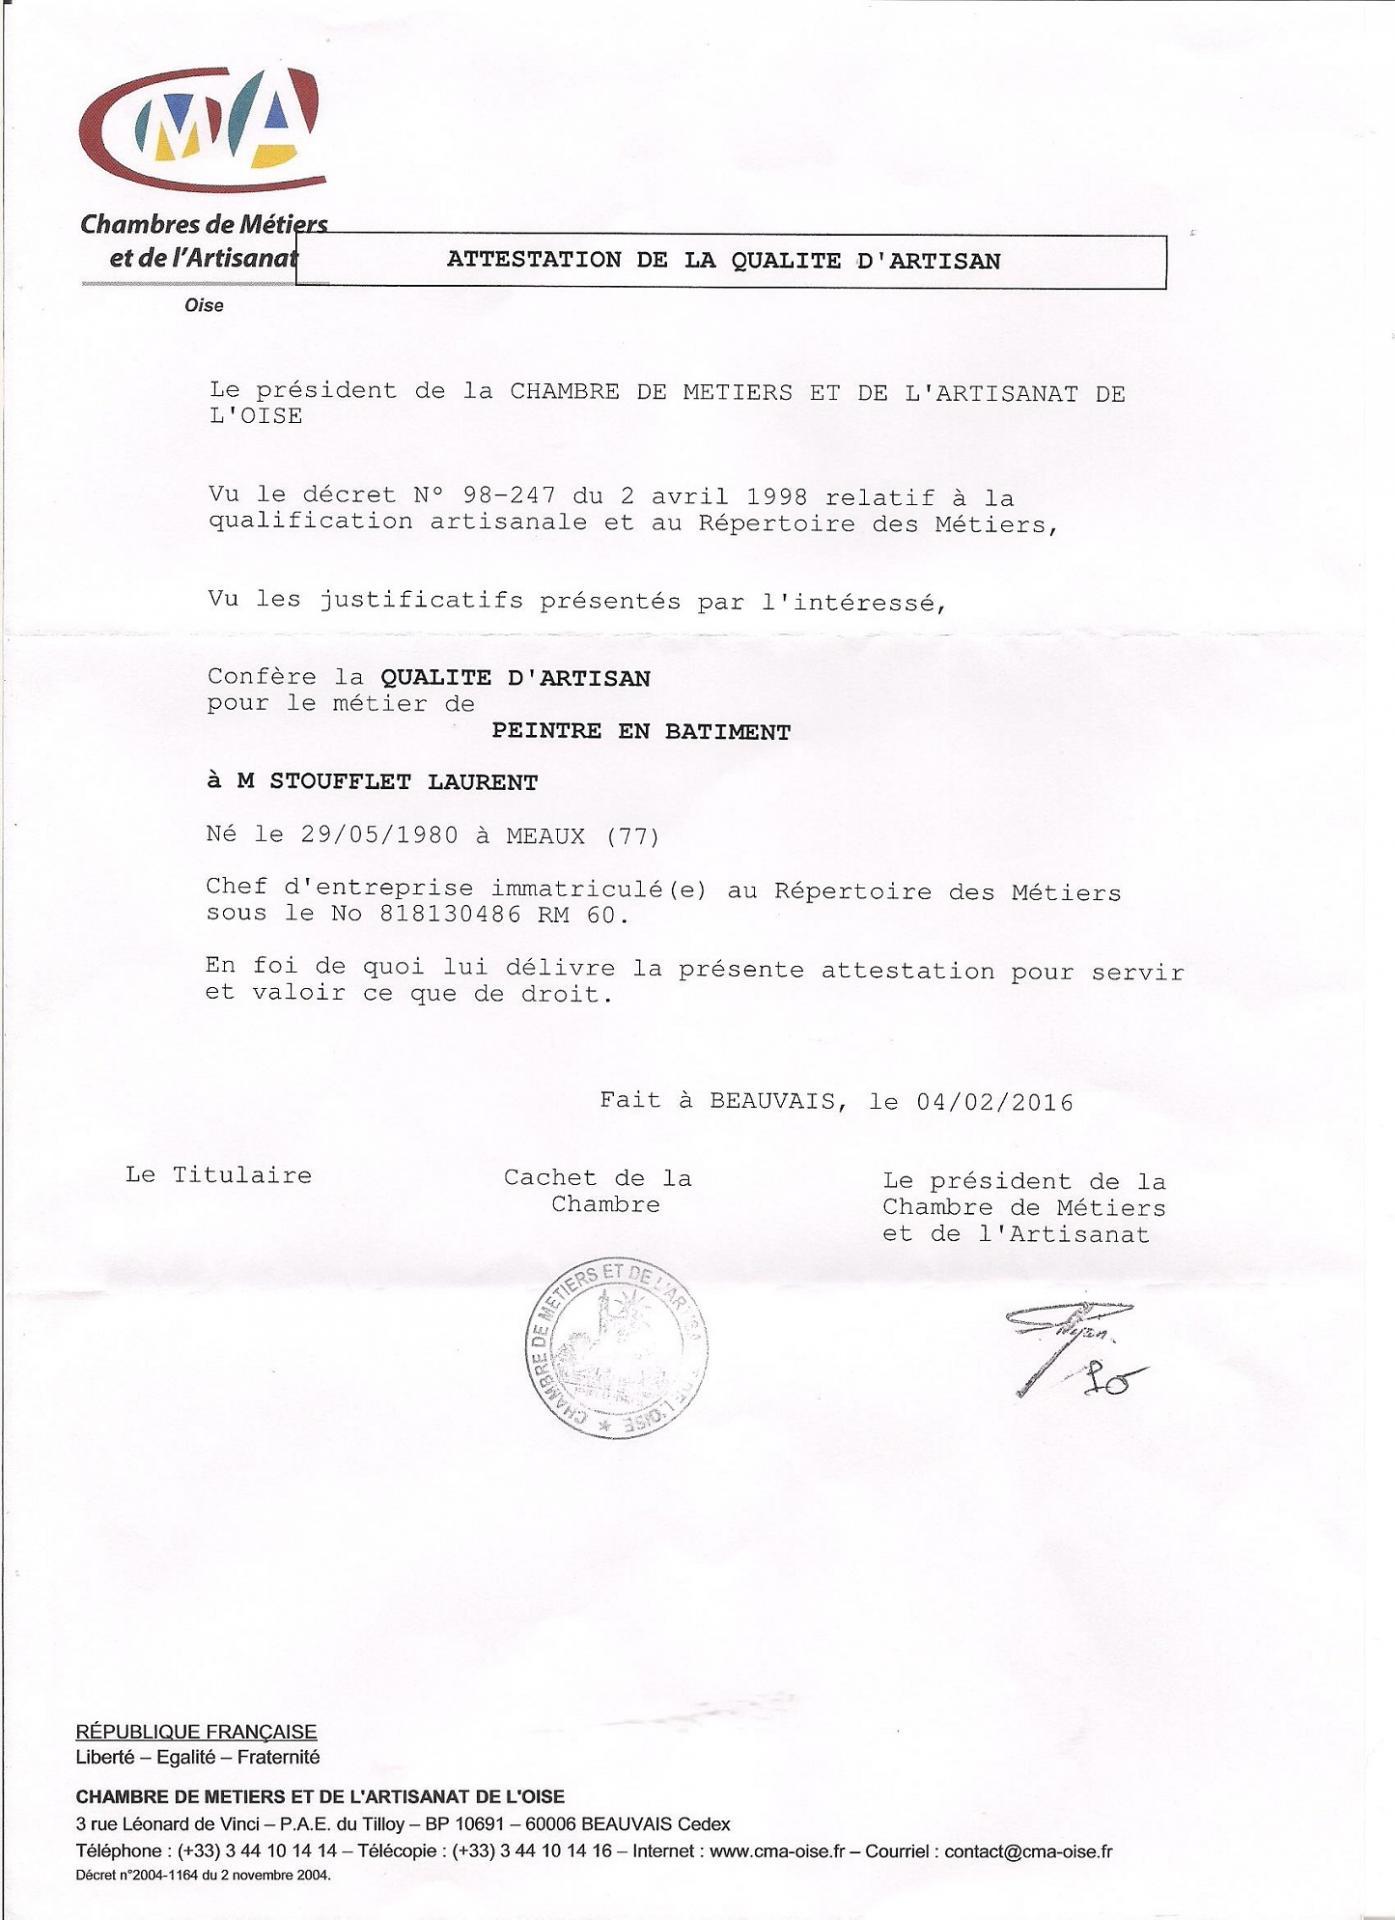 Attestations De La Qualité D'Artisan Et Garanties concernant Chambre Des Metiers Blois